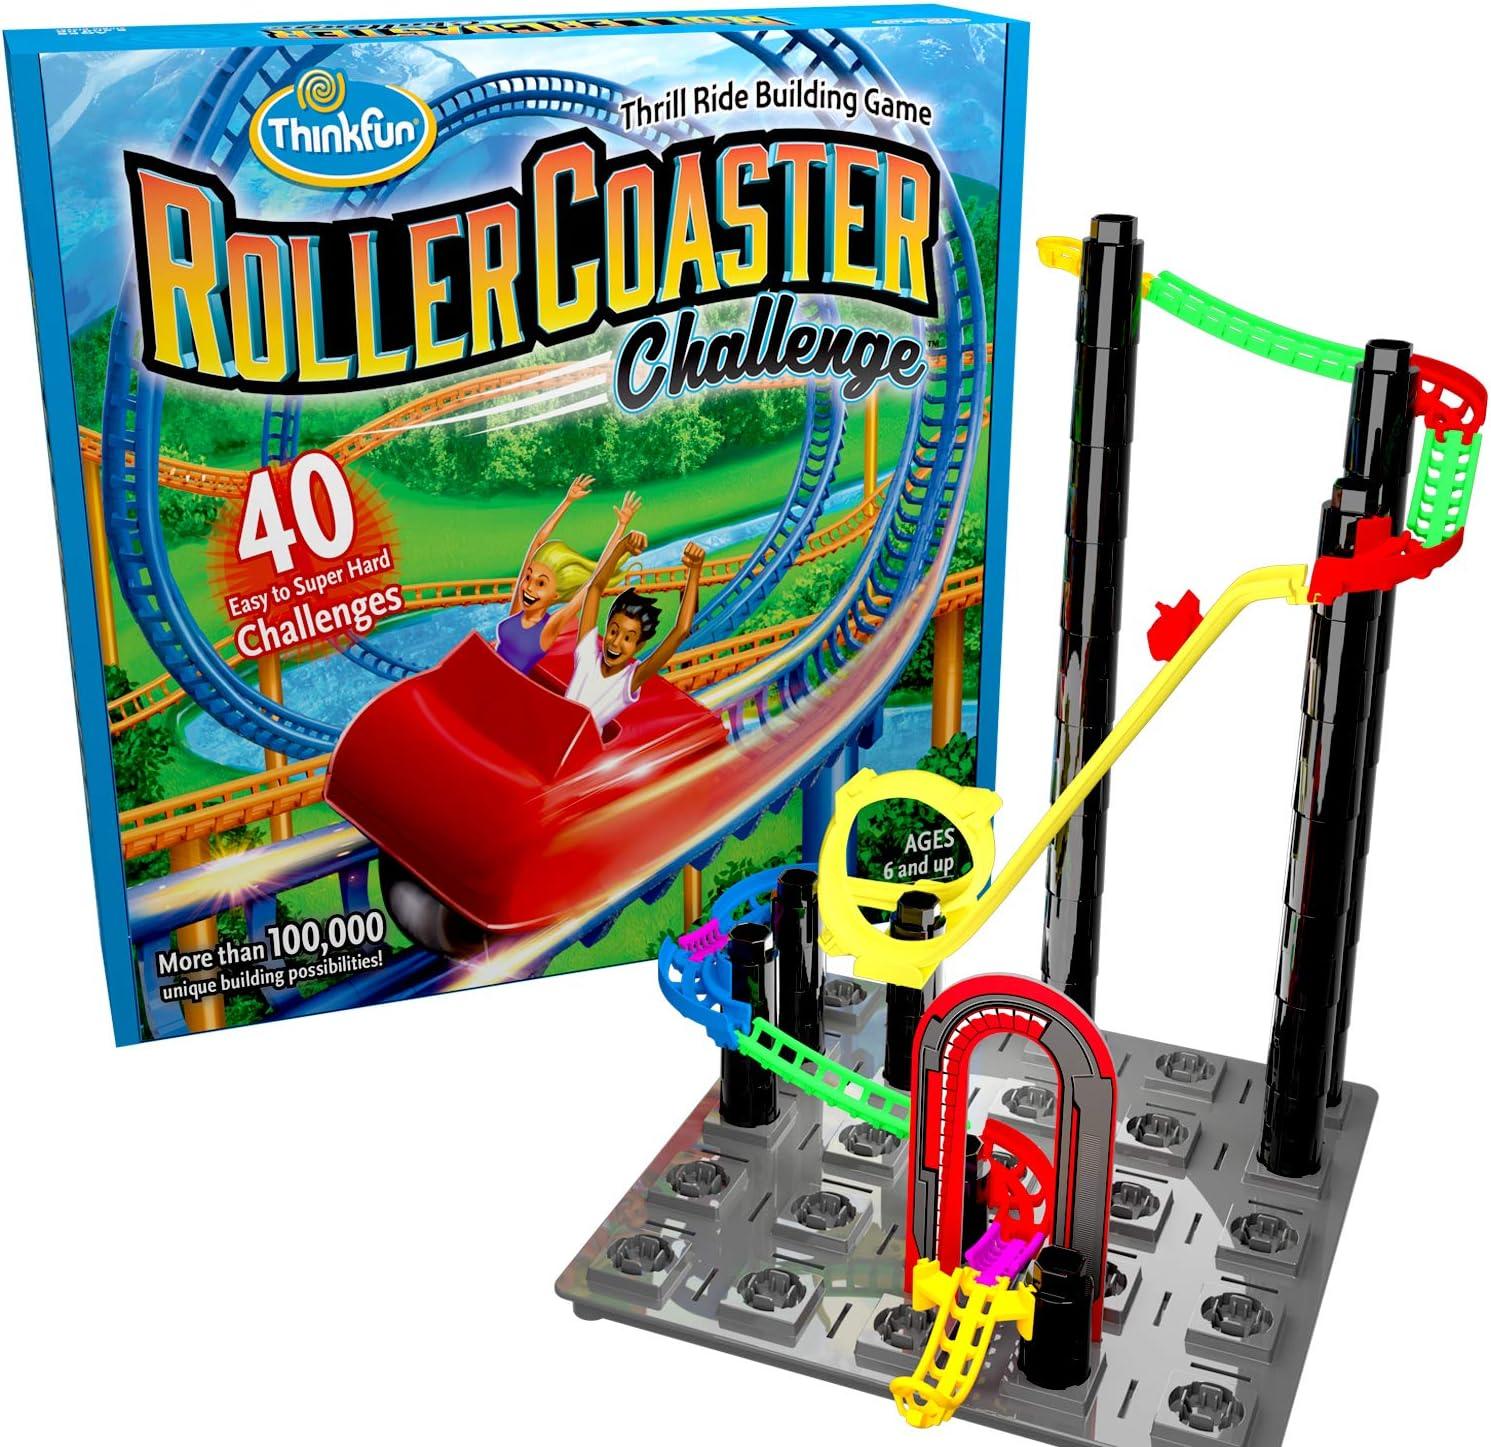 Think Fun Roller Coaster Challenge Stem Juguete y Juego de construcción para niños y niñas de 6 años en adelante